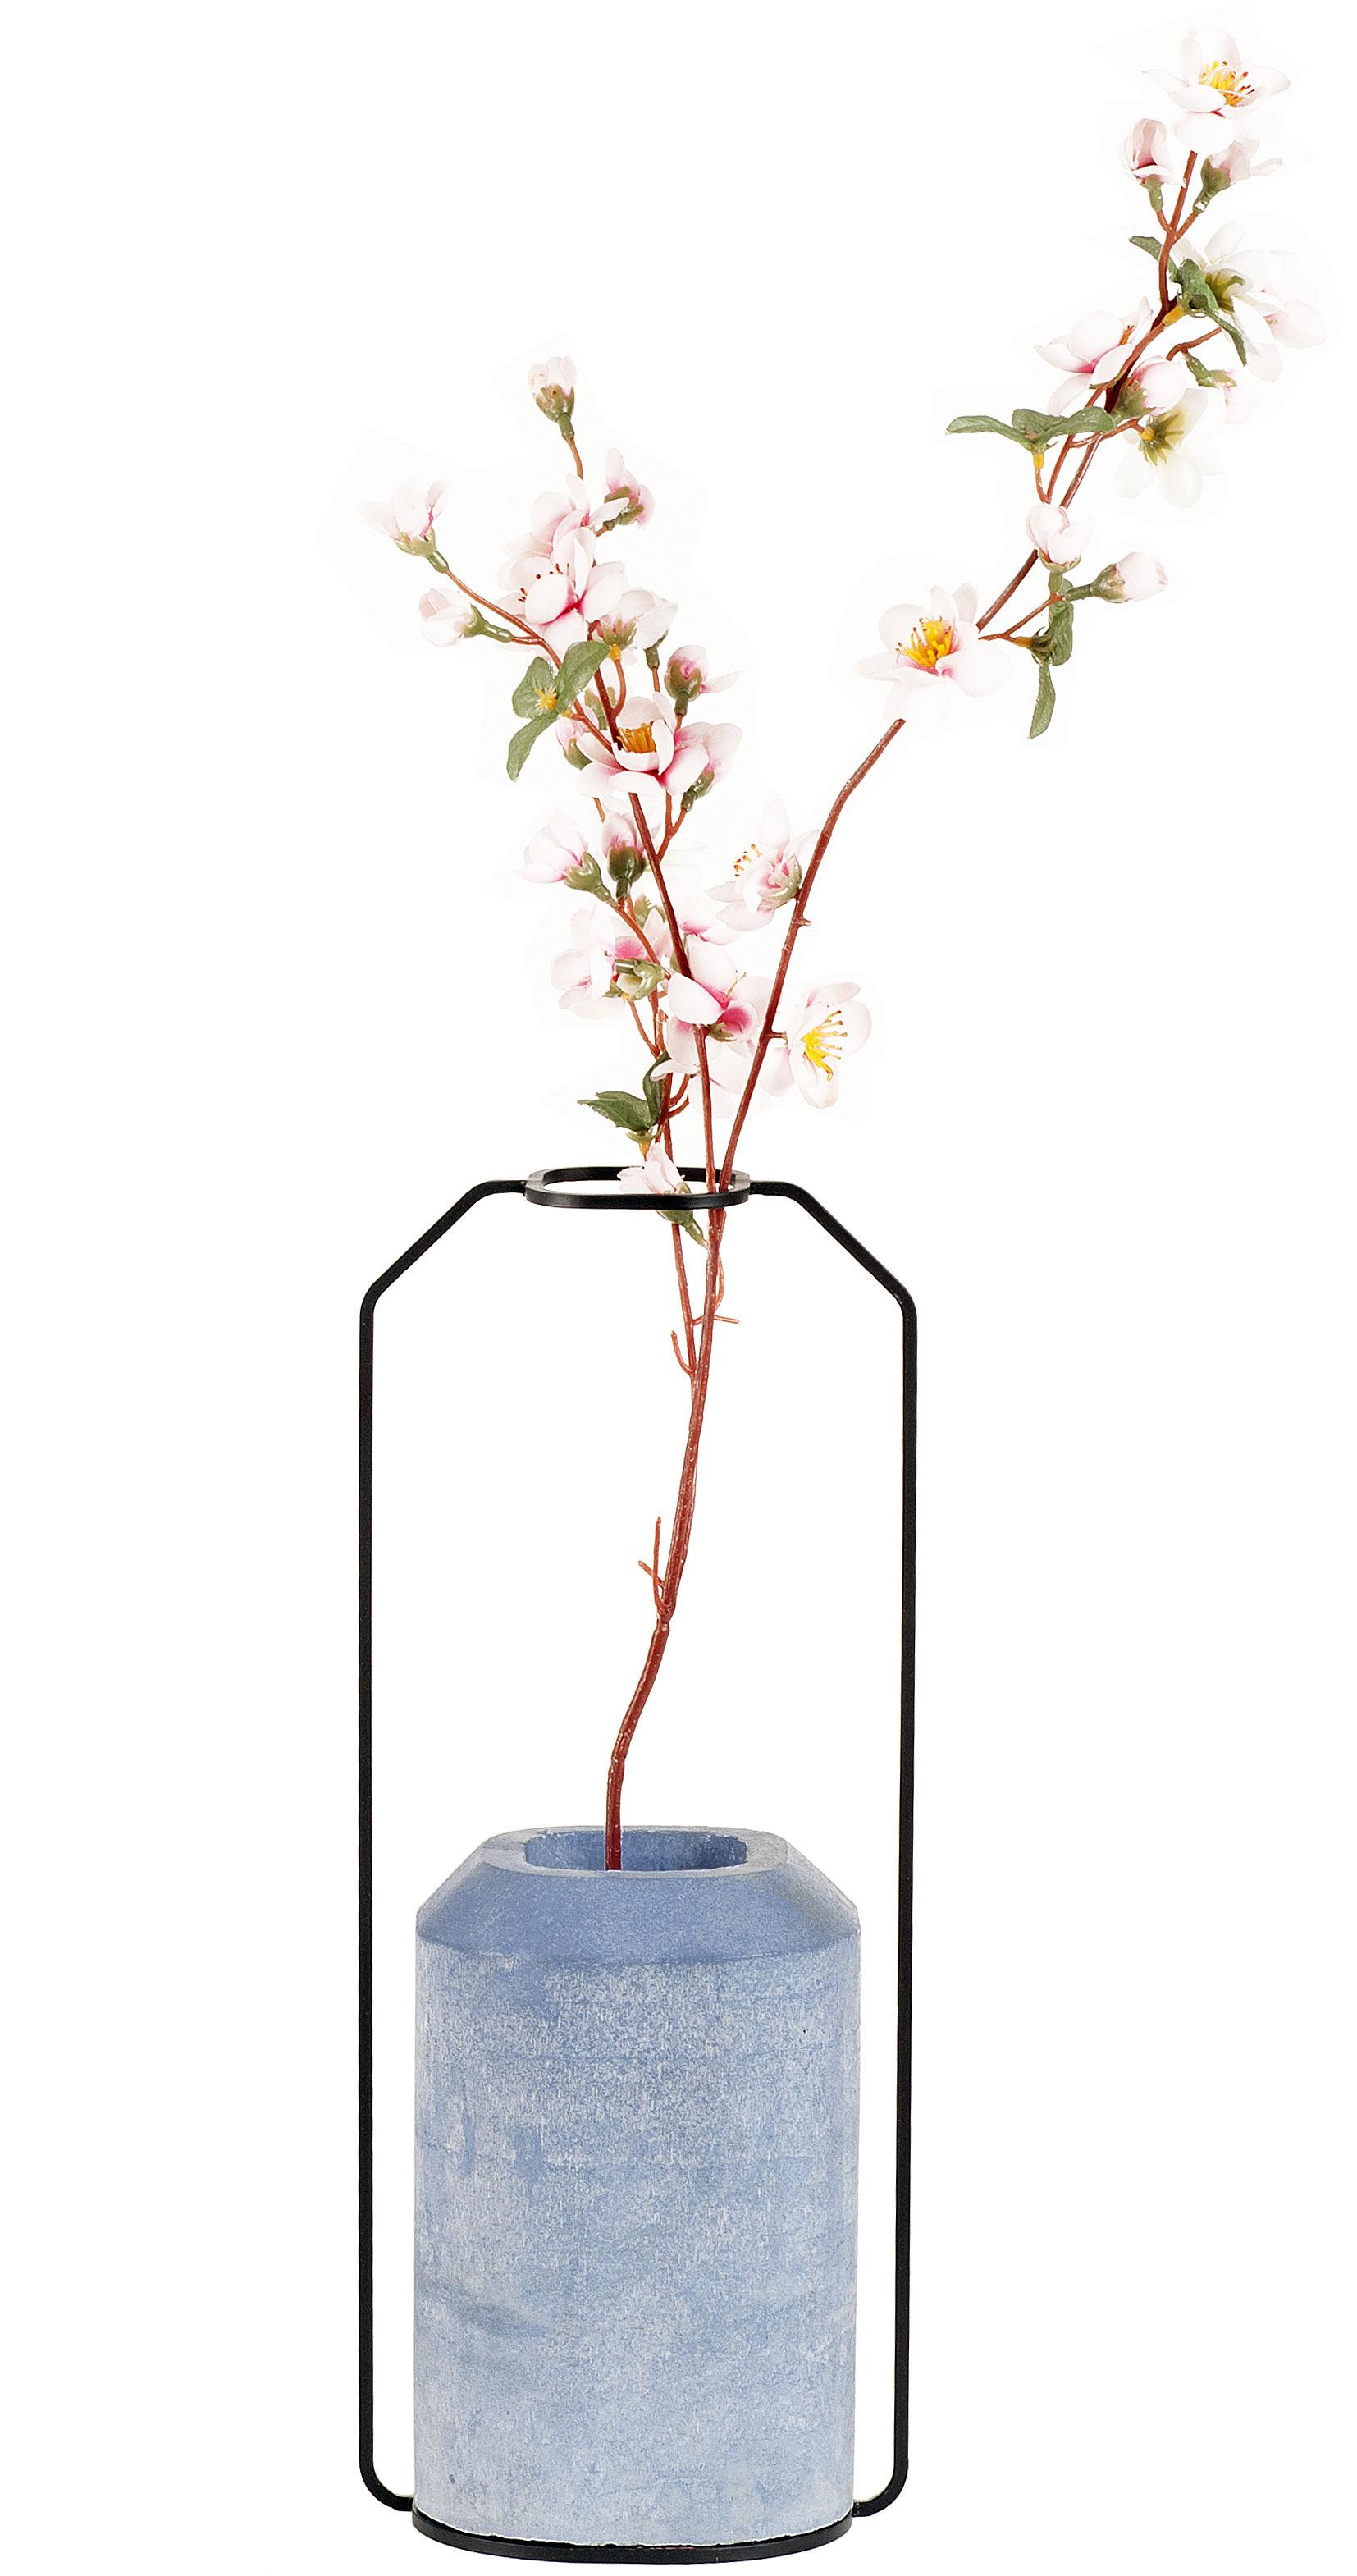 Déco - Vases - Vase Weight C / L 15 x H 36 cm - Spécimen Editions - Bleu - Acier, Béton